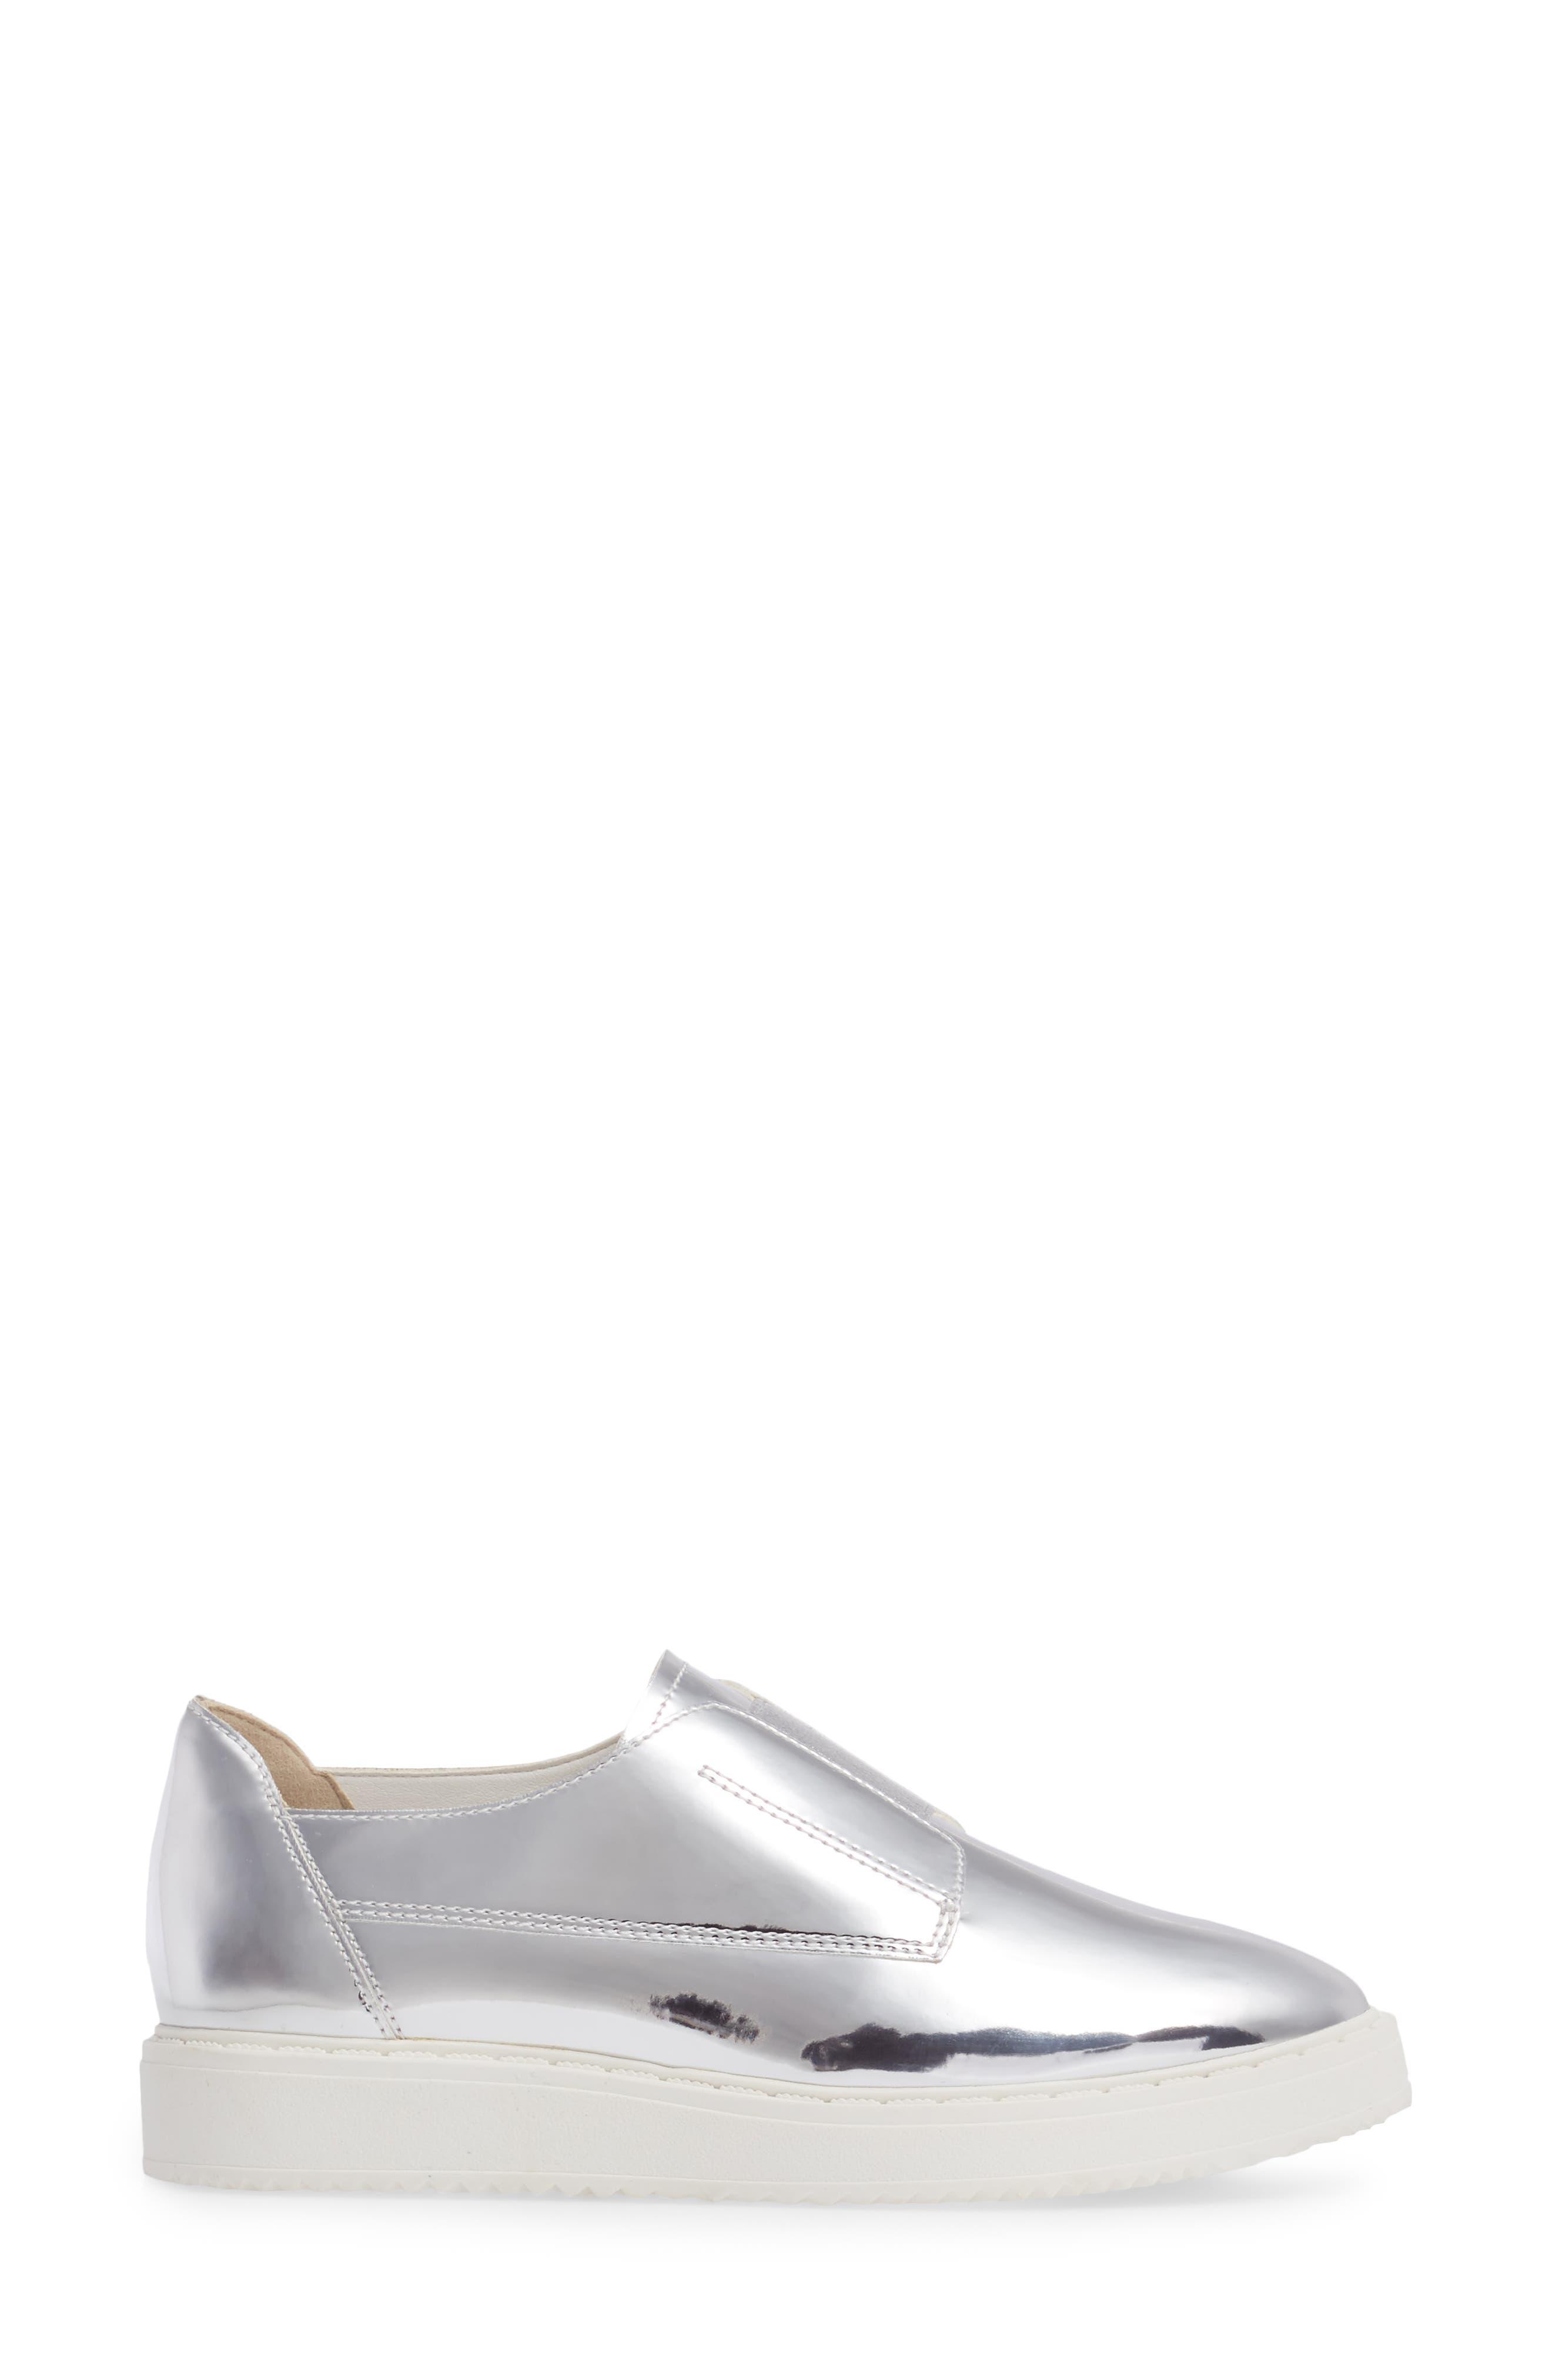 Trist Slip-On Metallic Sneaker,                             Alternate thumbnail 3, color,                             045